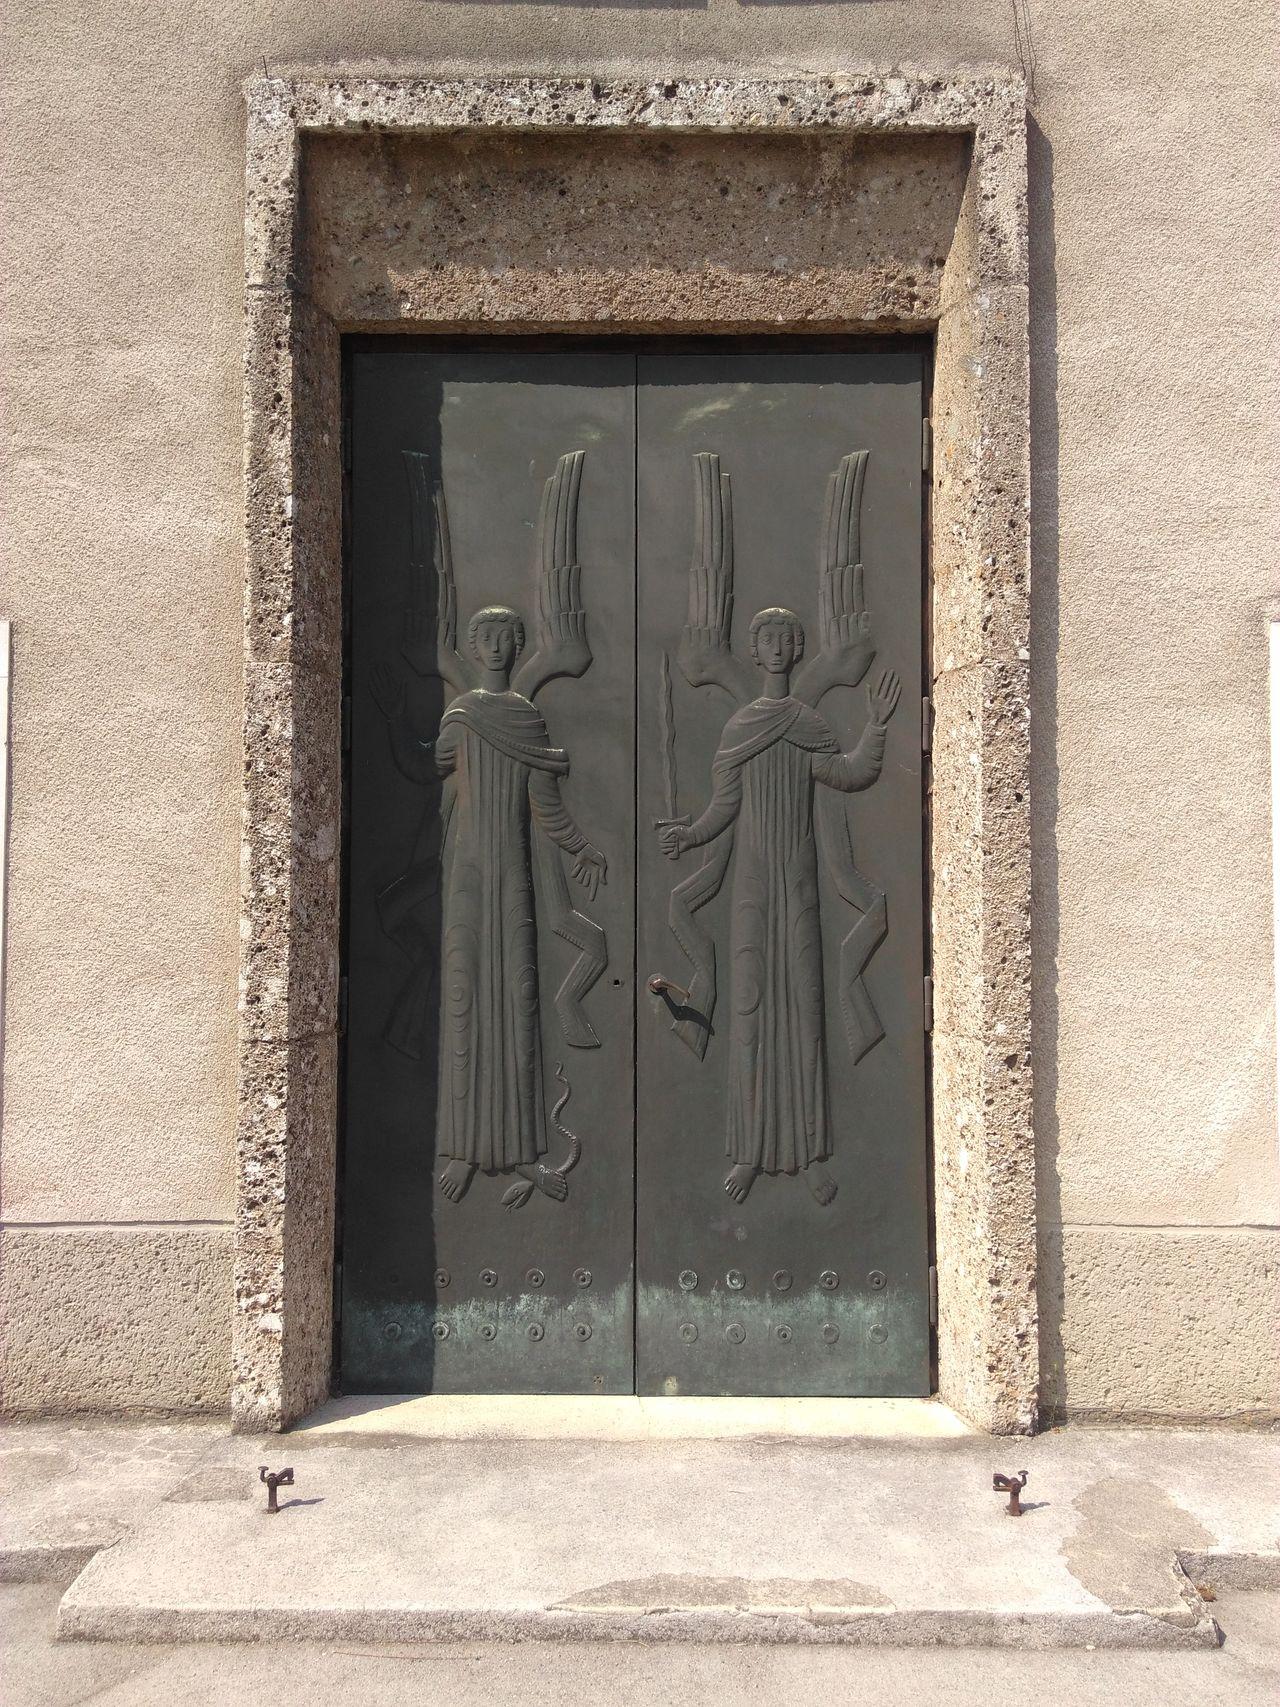 Door Fenster Und Türen Windows And Doors Kirchentüre Kirche Church Vienna Wien Liesing Pfarrkirche Liesing